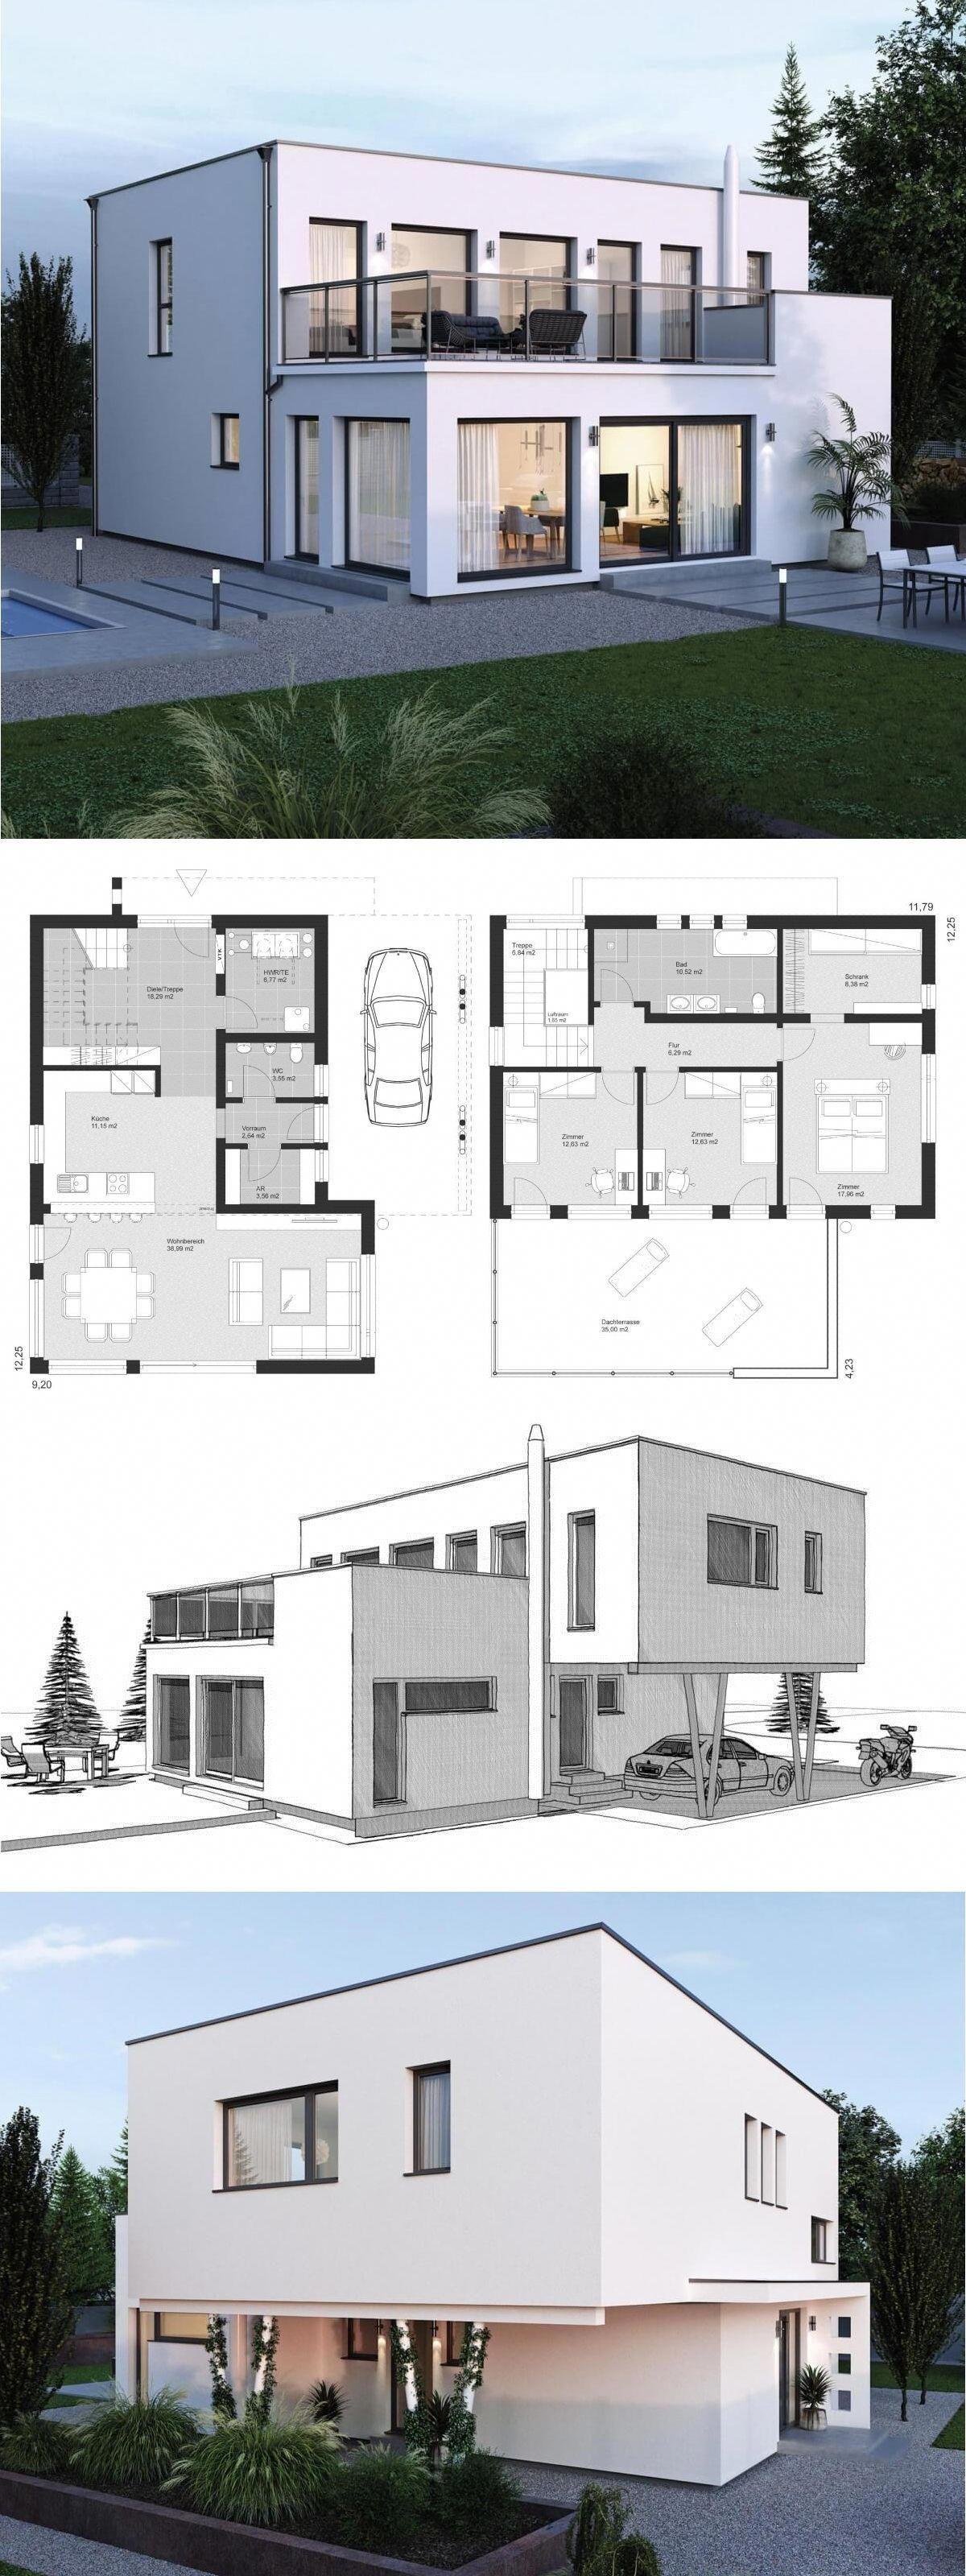 Pin On Minimalist House